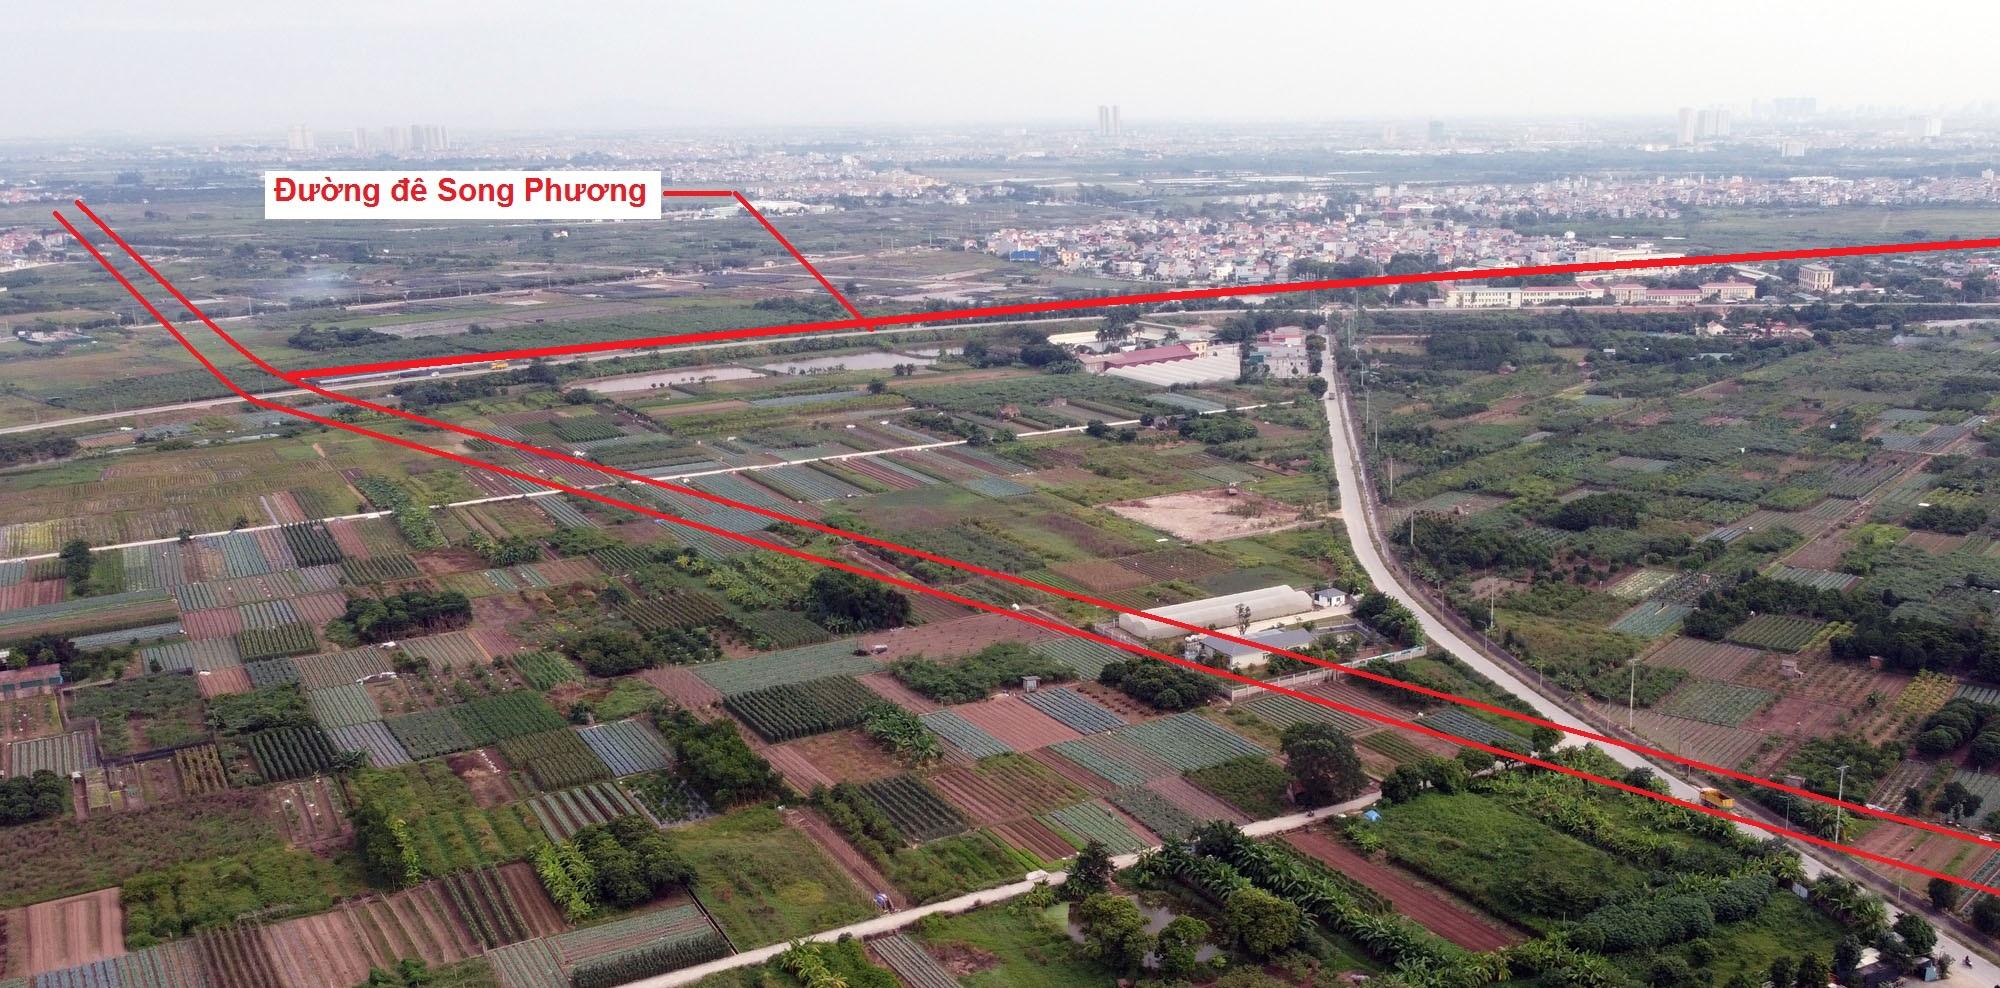 Ba đường sẽ mở theo quy hoạch ở xã Song Phương, Hoài Đức, Hà Nội - Ảnh 13.